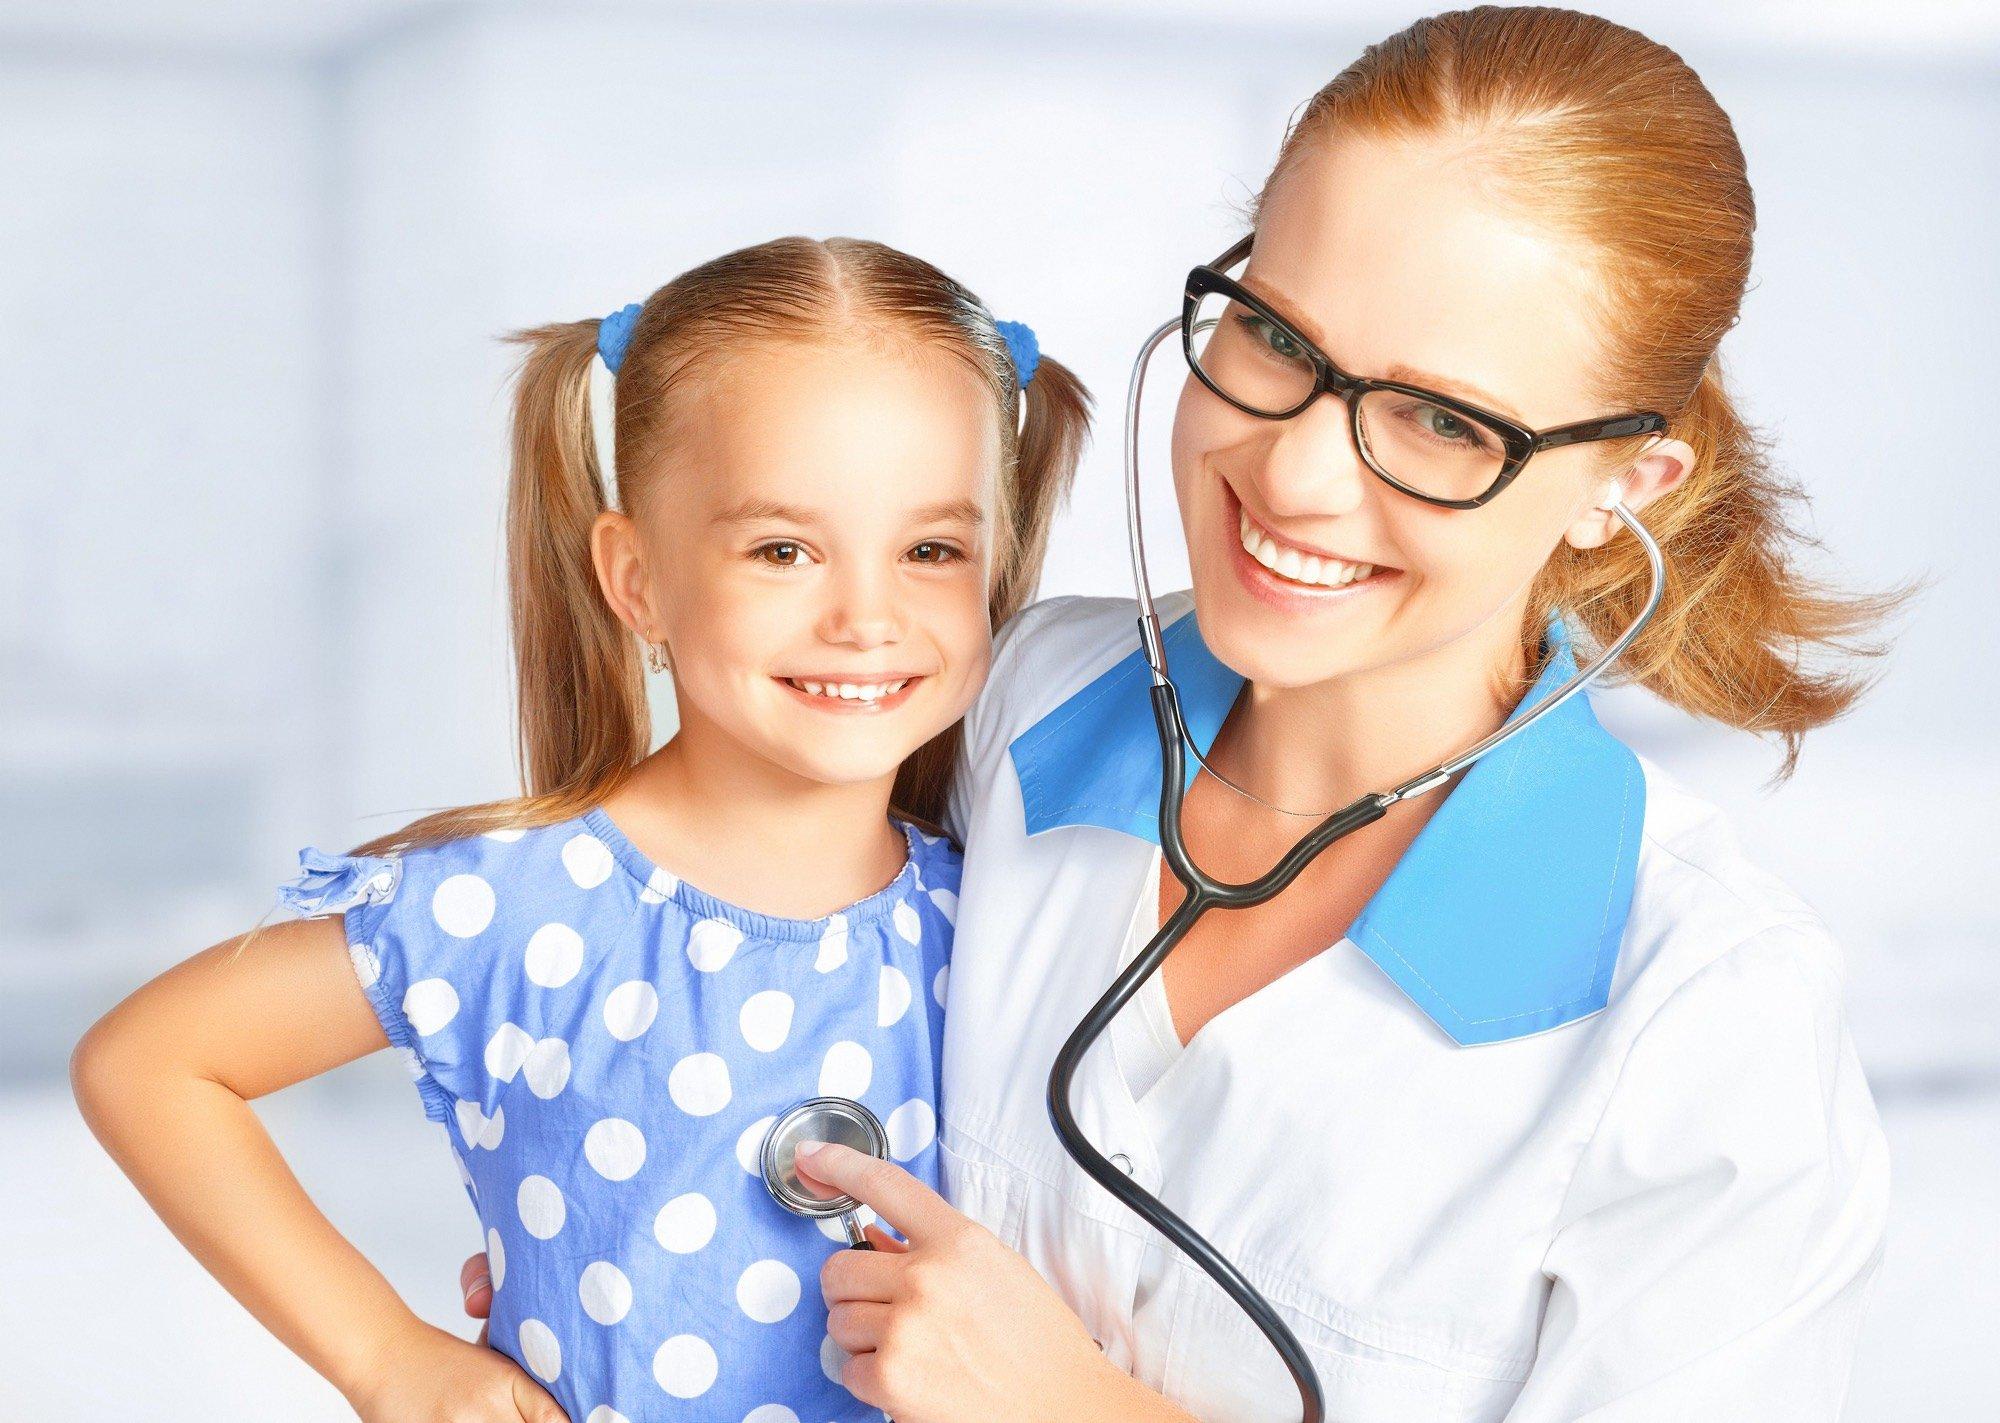 Ребенку нужен контроль лечения со стороны педиатра